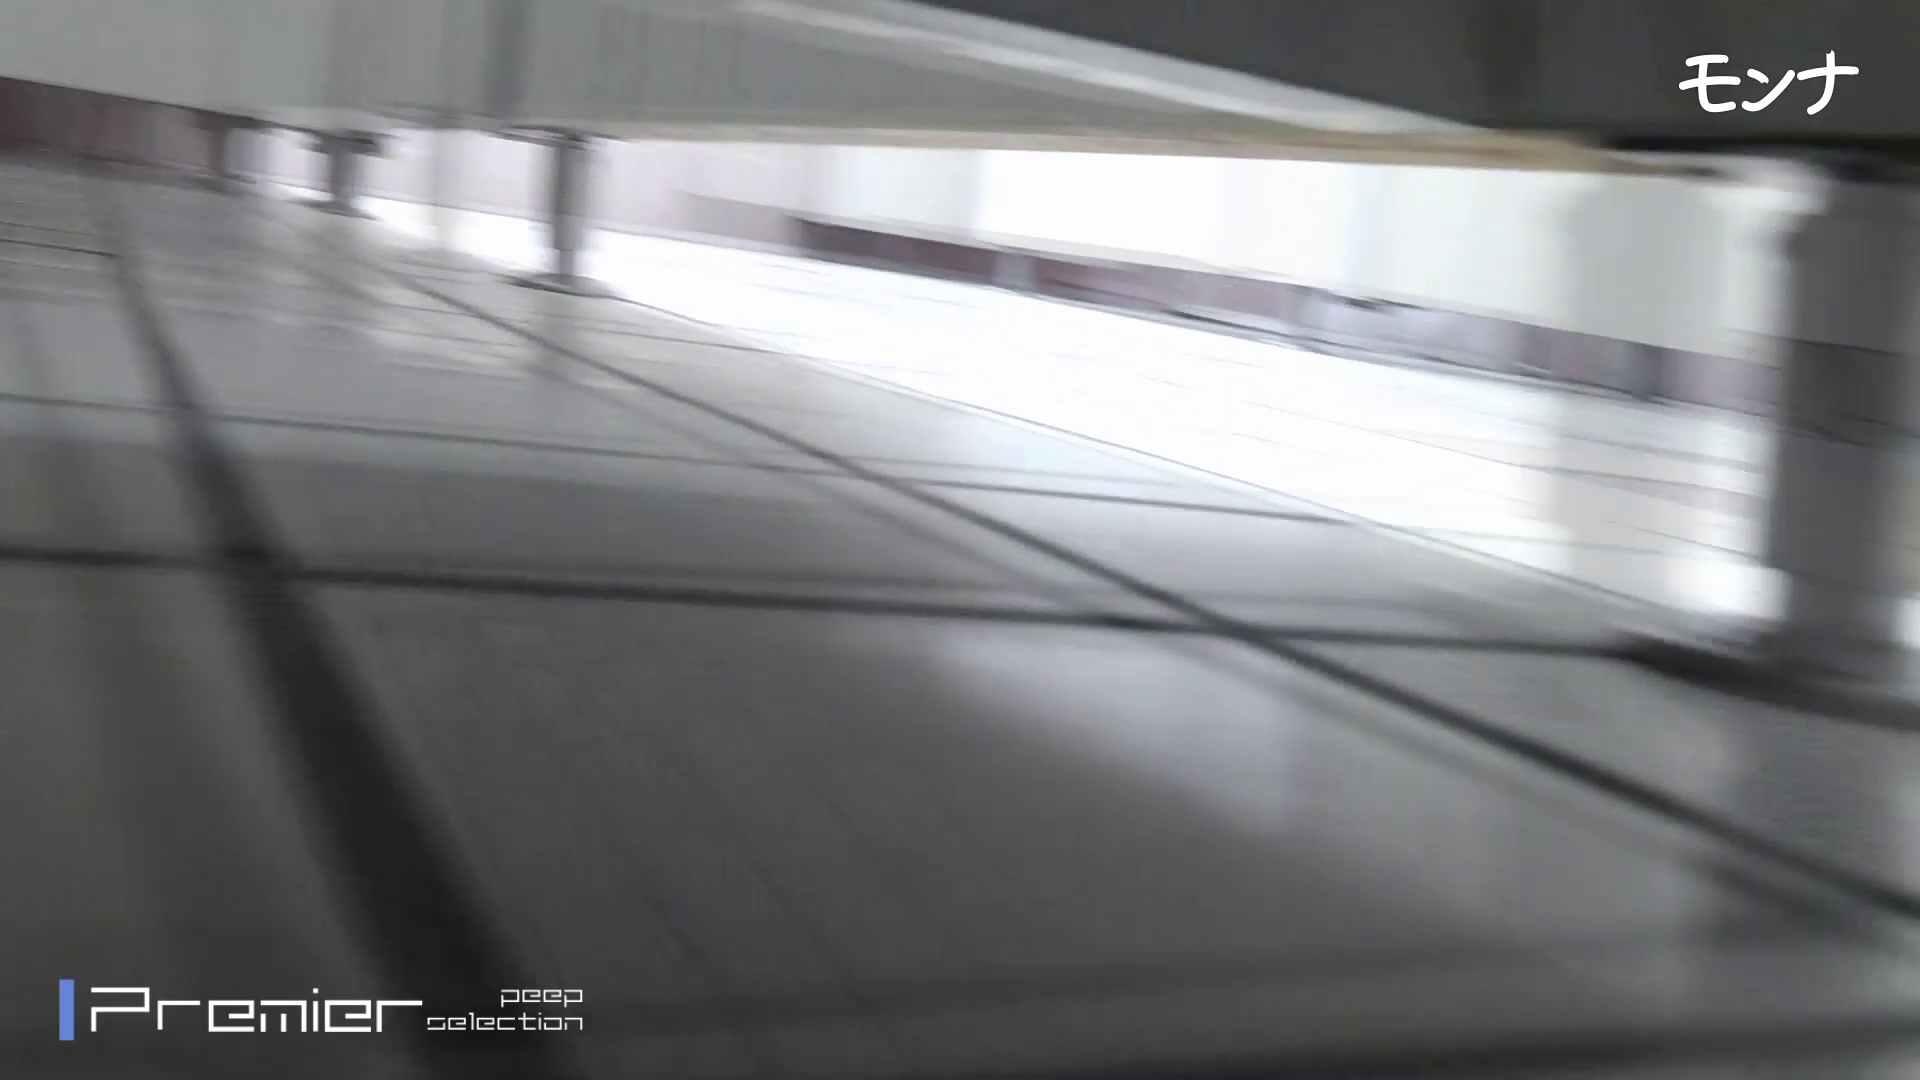 美しい日本の未来 No.84この美脚と距離感 盗撮エロすぎ | 覗き  86連発 16